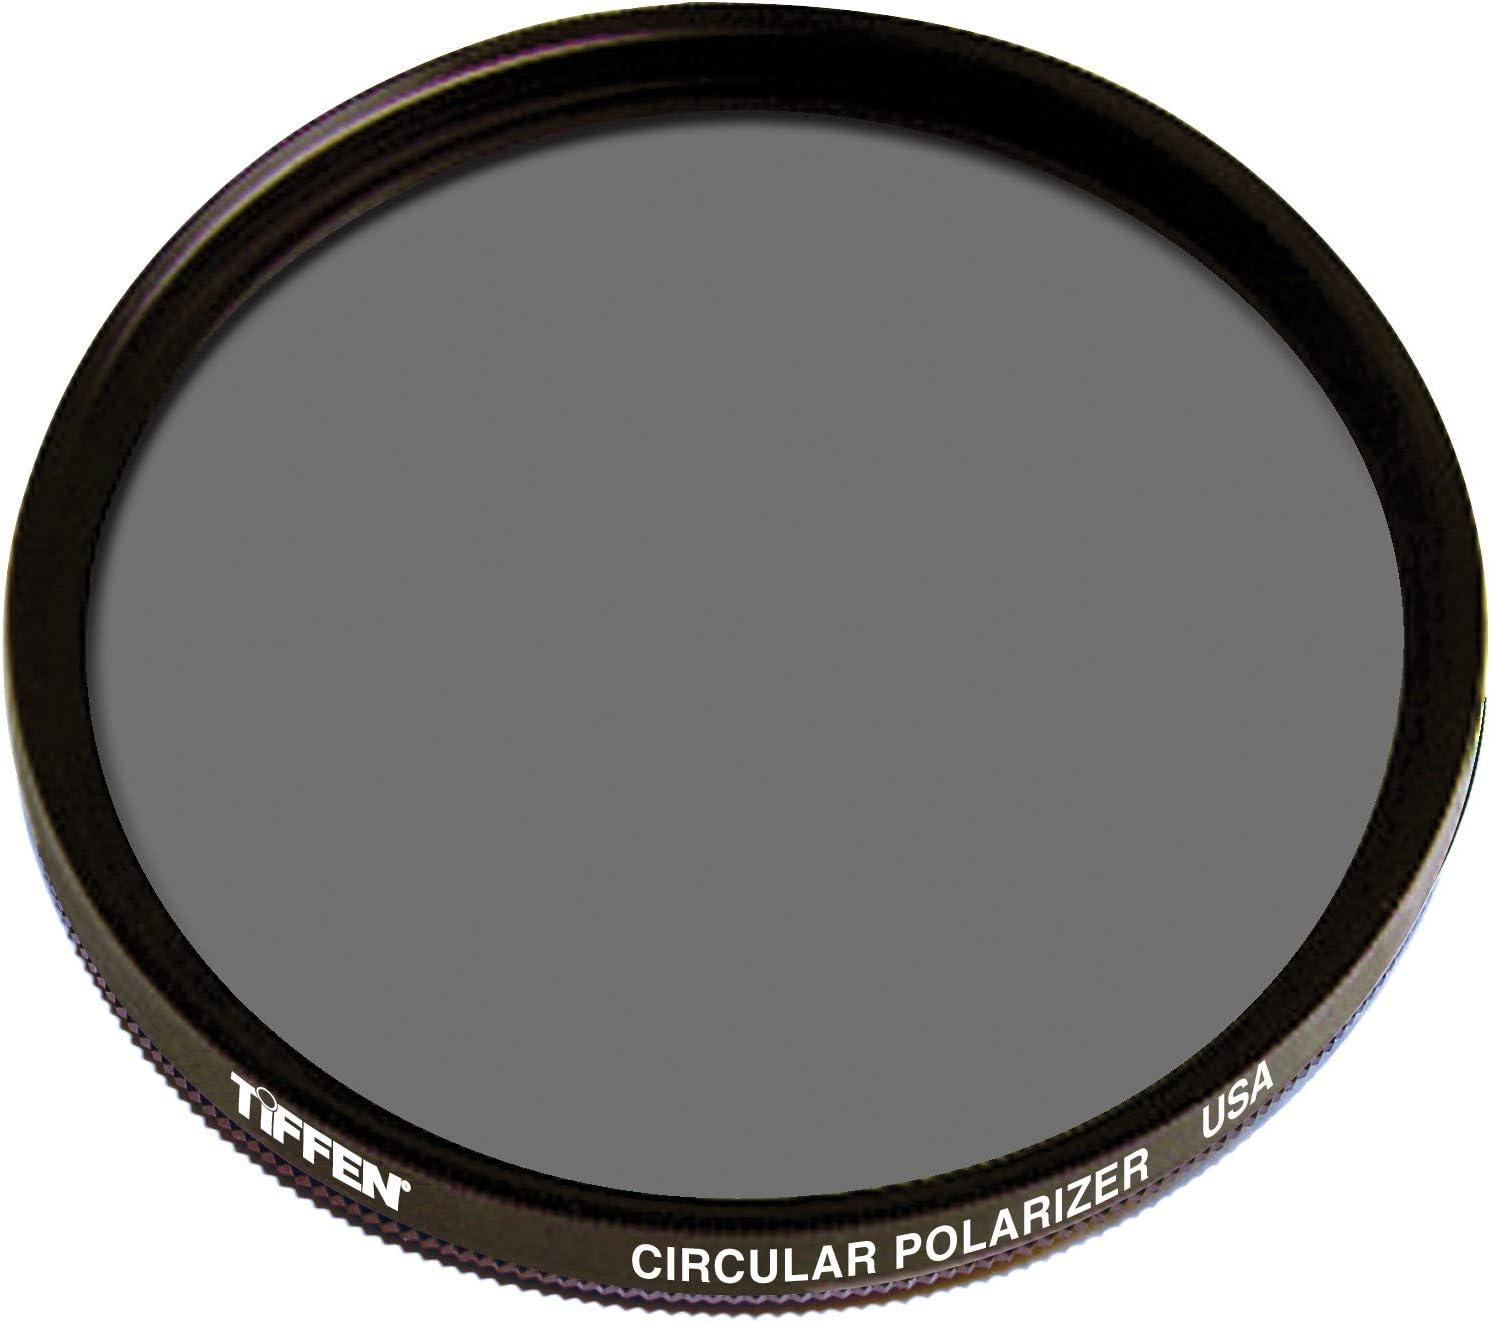 95C Polarizer